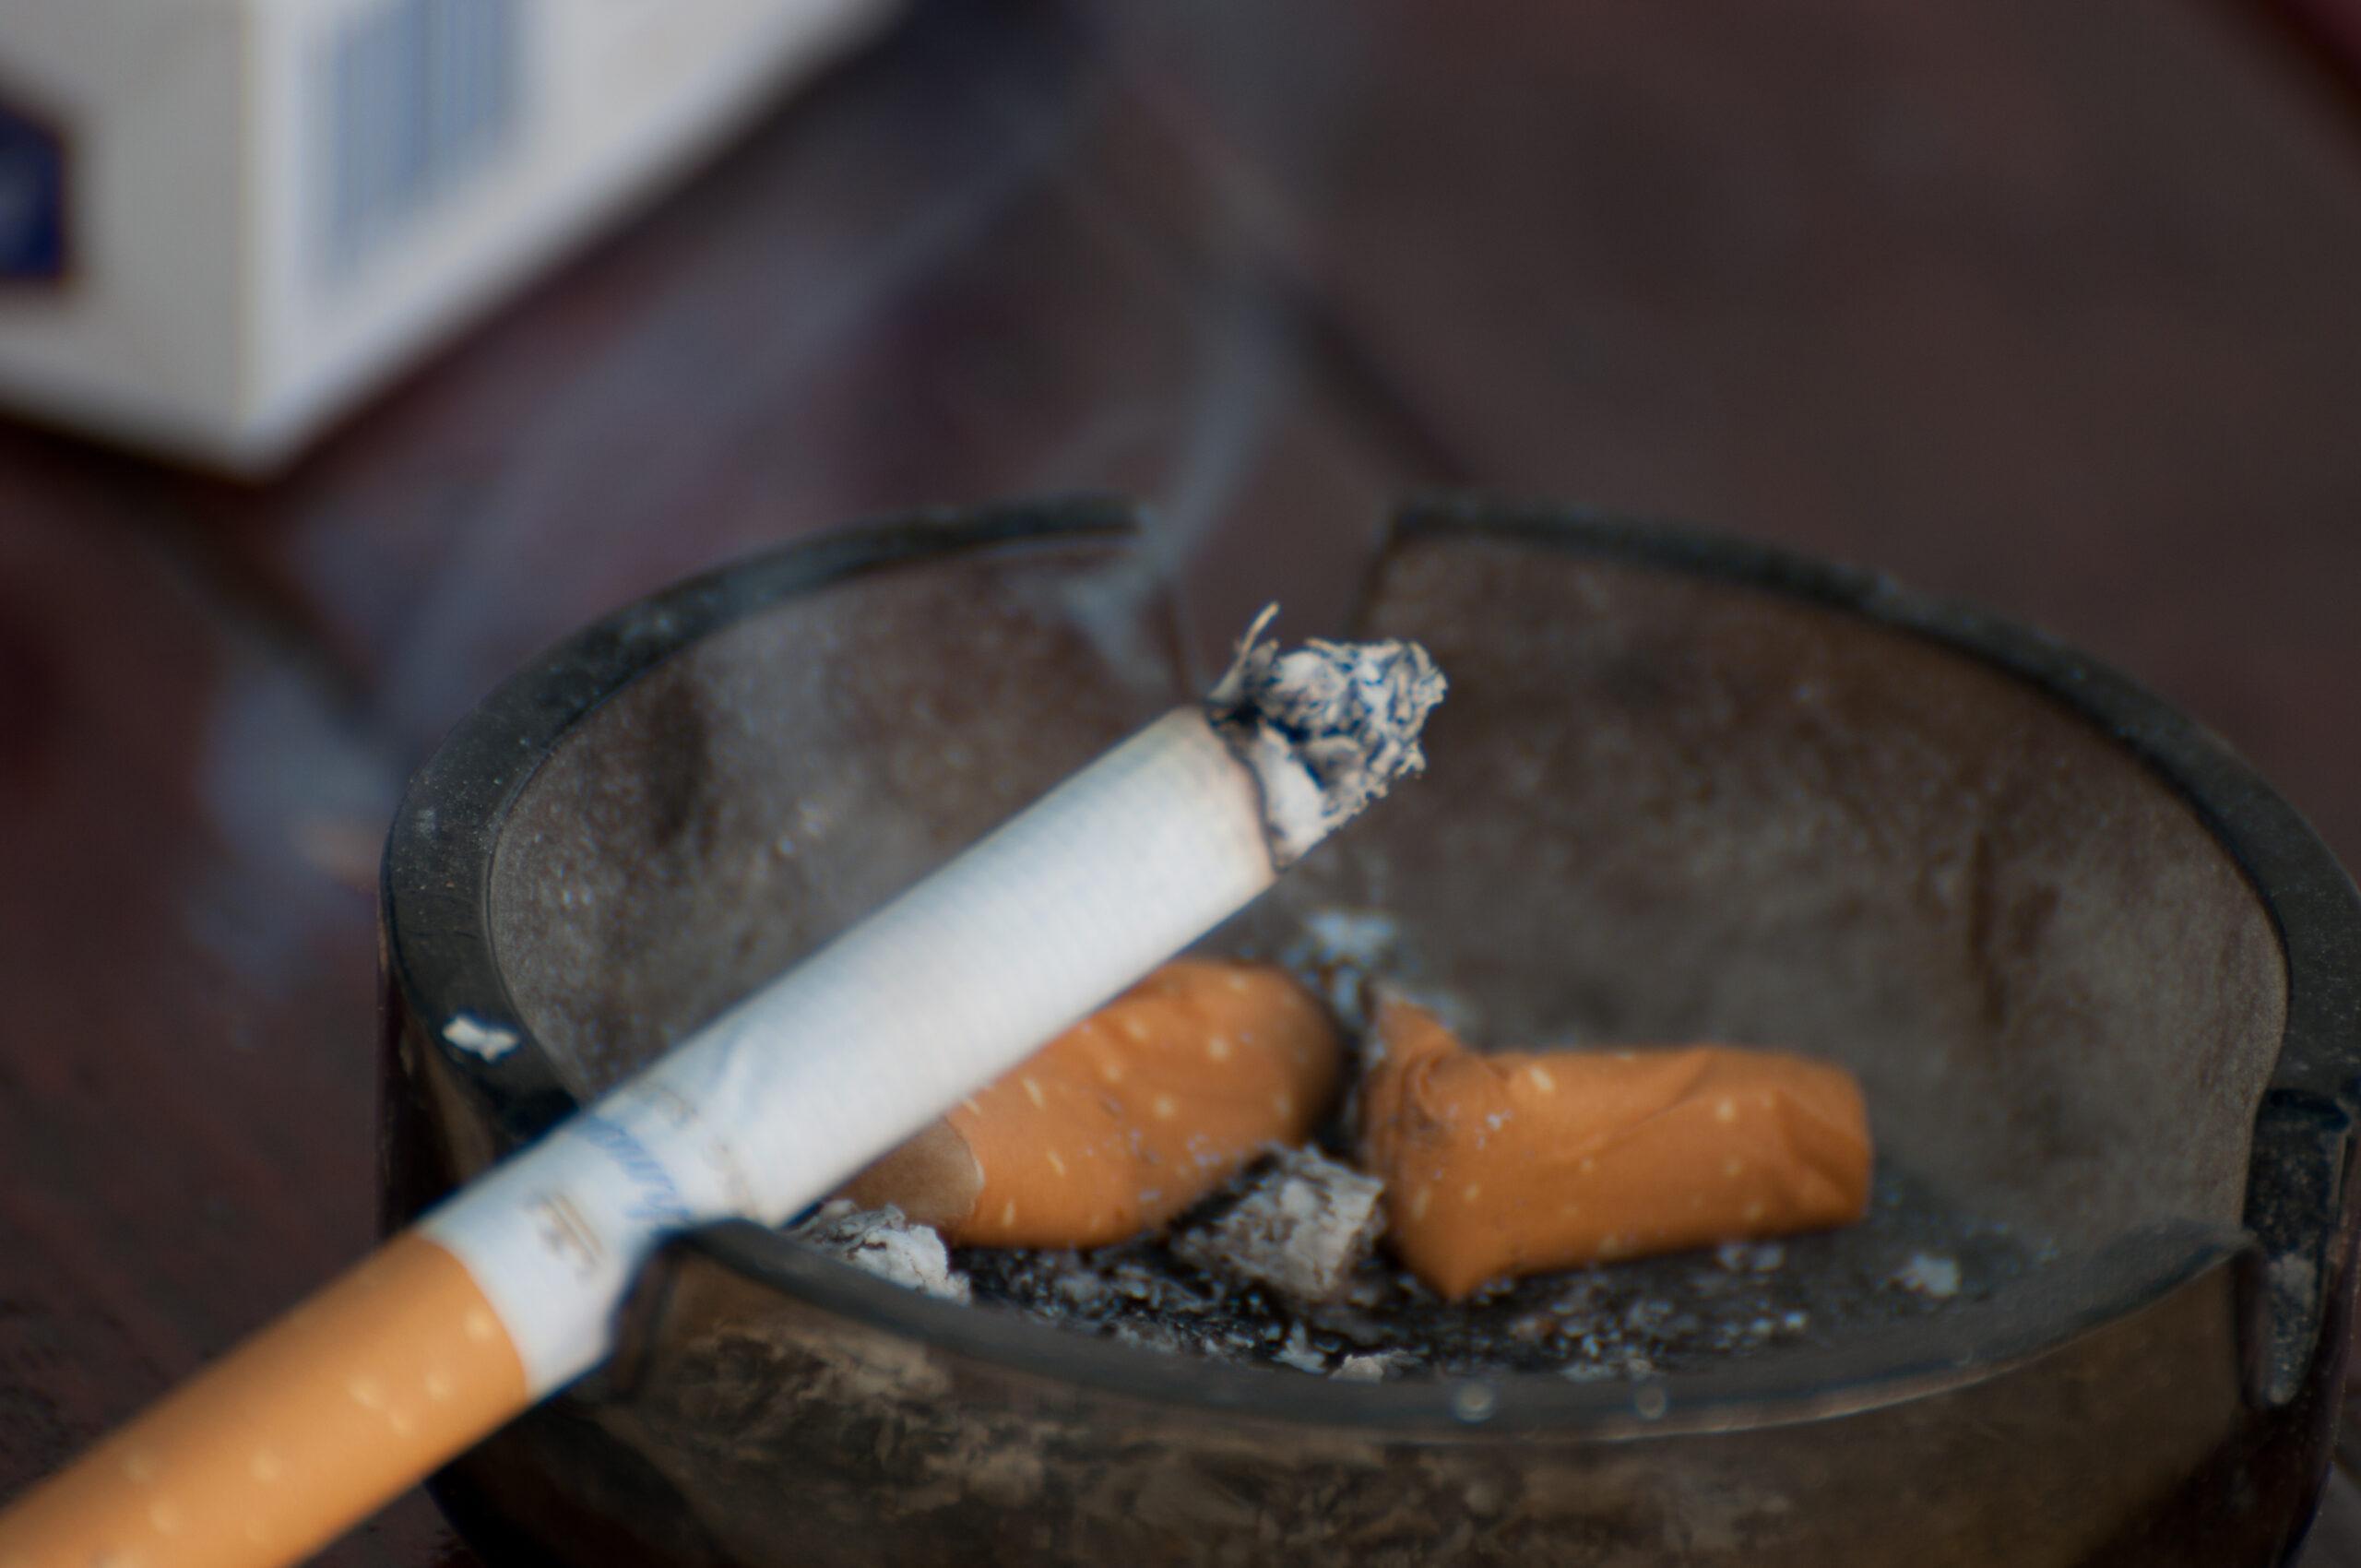 Újabb tanulmány állítja: a dohányosok kisebb eséllyel kapják el a koronavírust